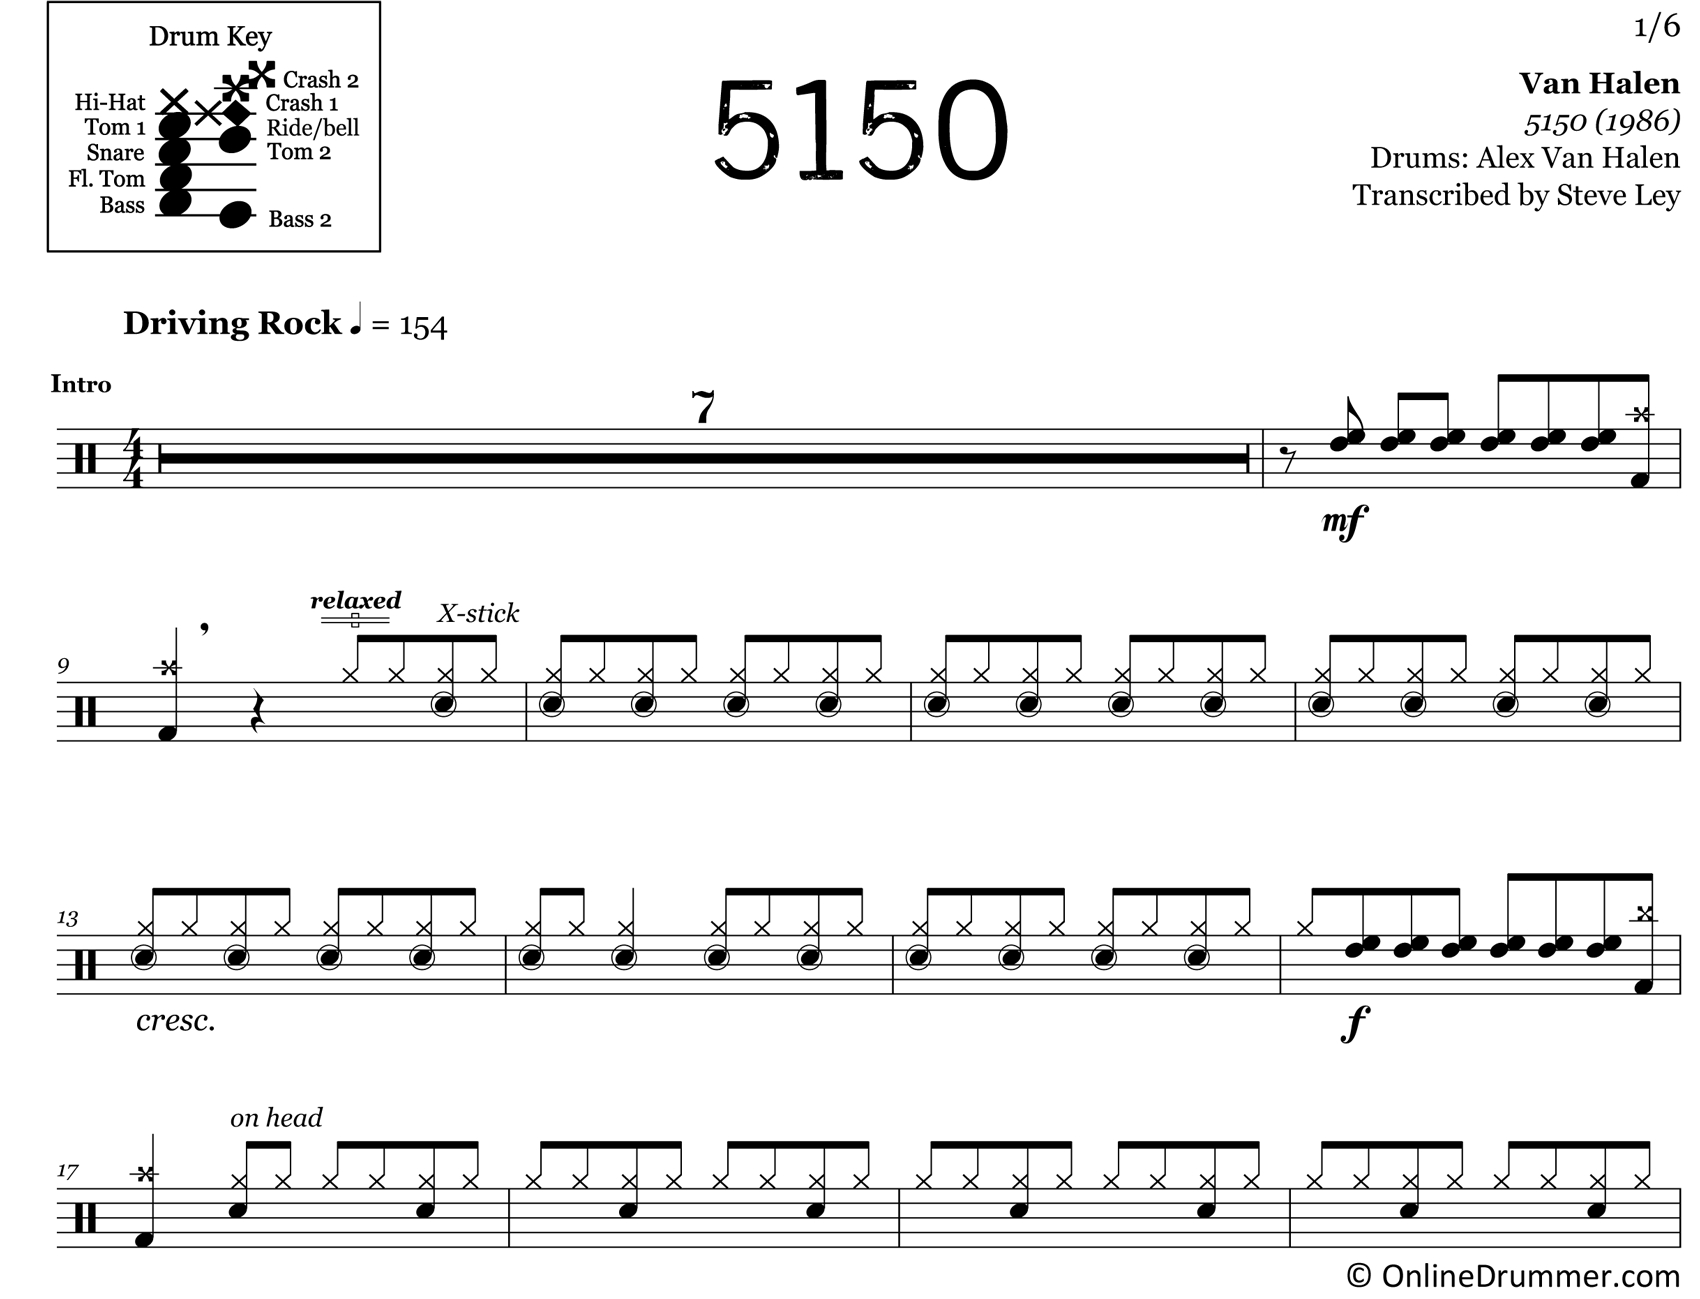 5150 - Van Halen - Drum Sheet Music